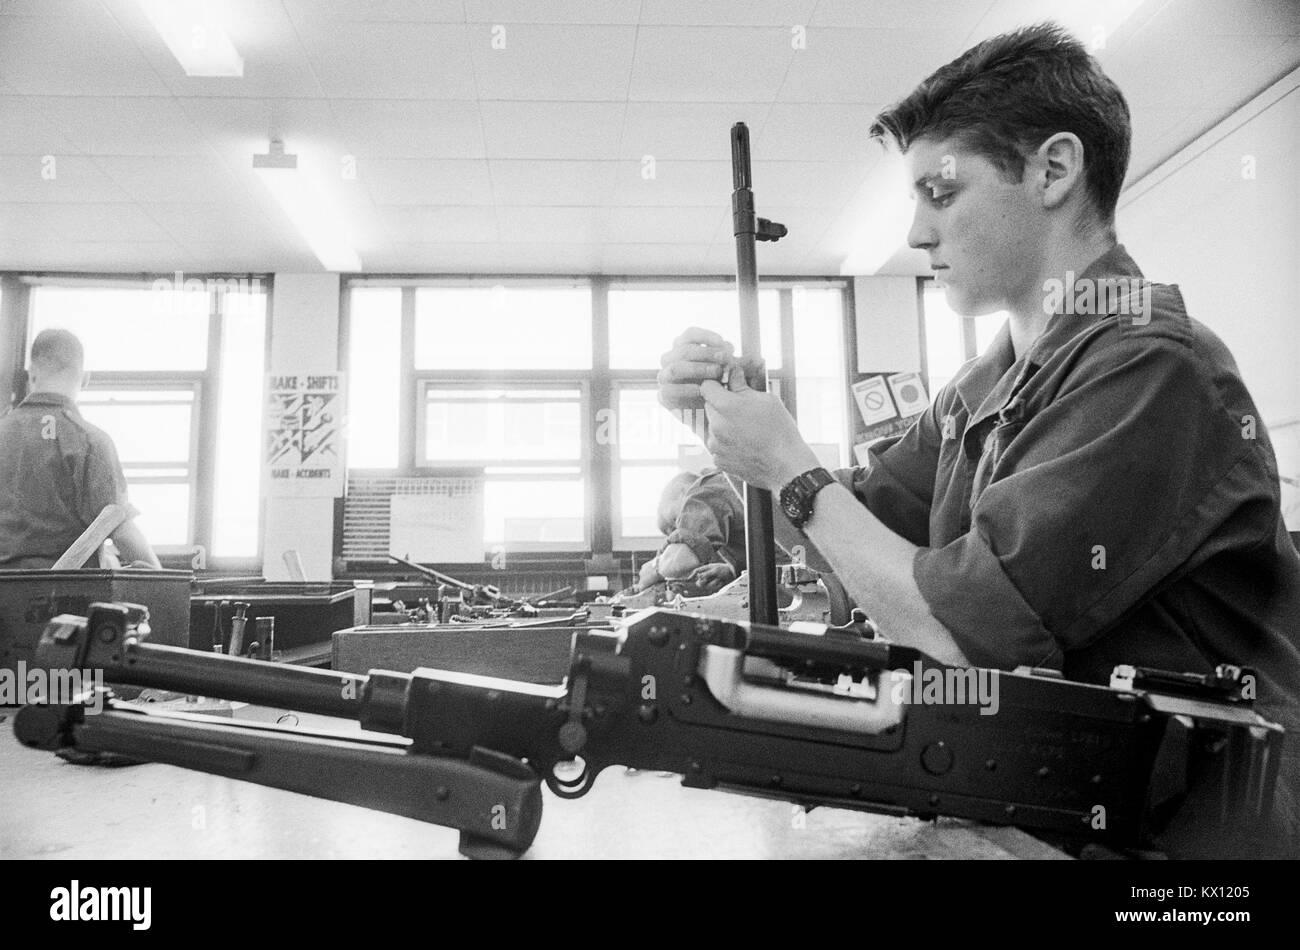 Esercito britannico squaddies sottoposti a formazione di base in un workshop in Armeria per armi e mantenimento Foto Stock